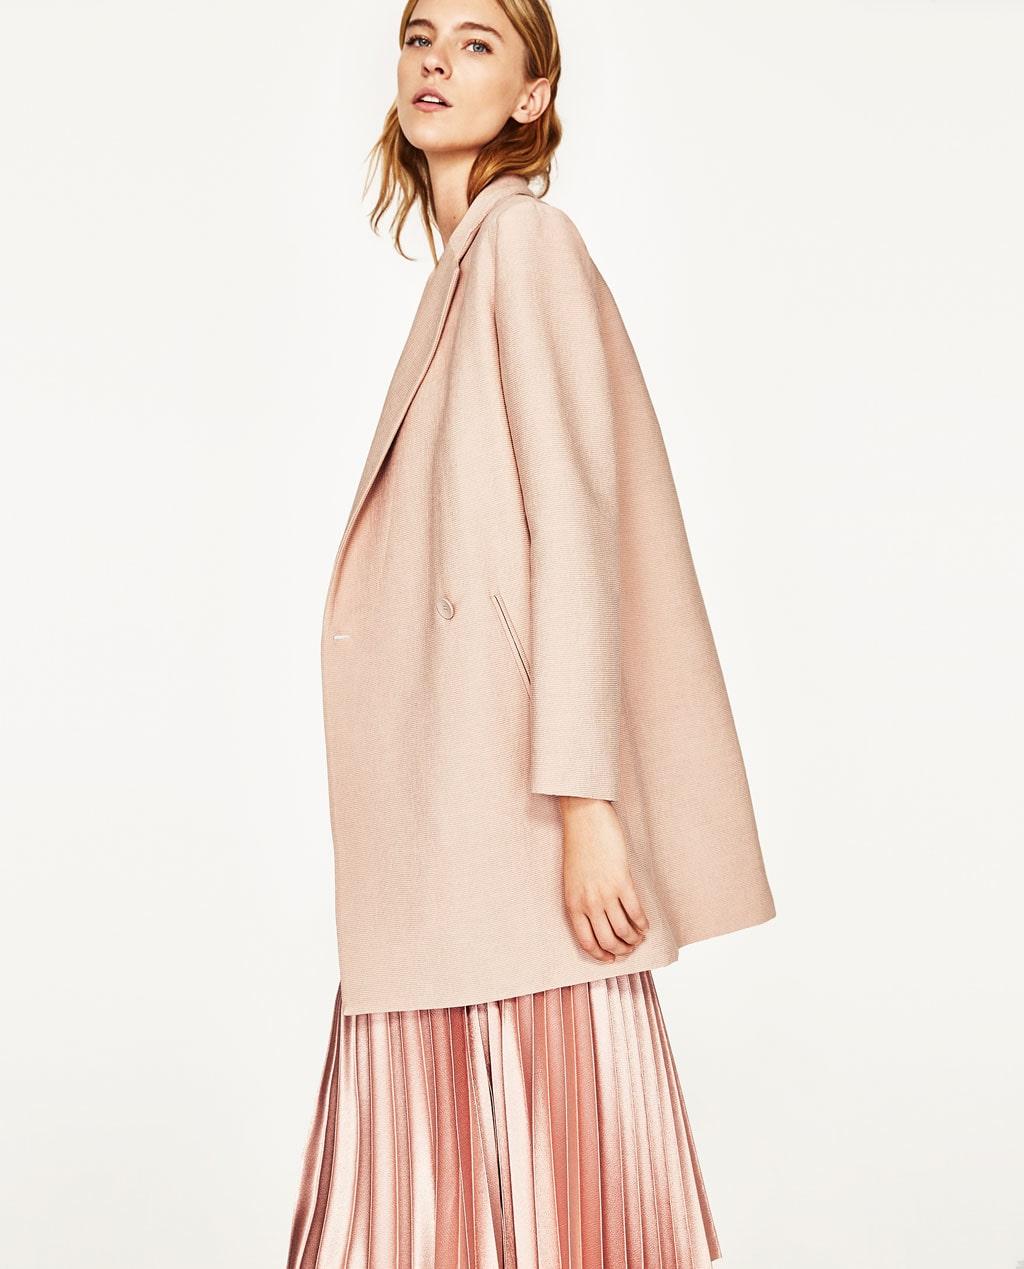 Женская верхняя одежда весна 2017 купить